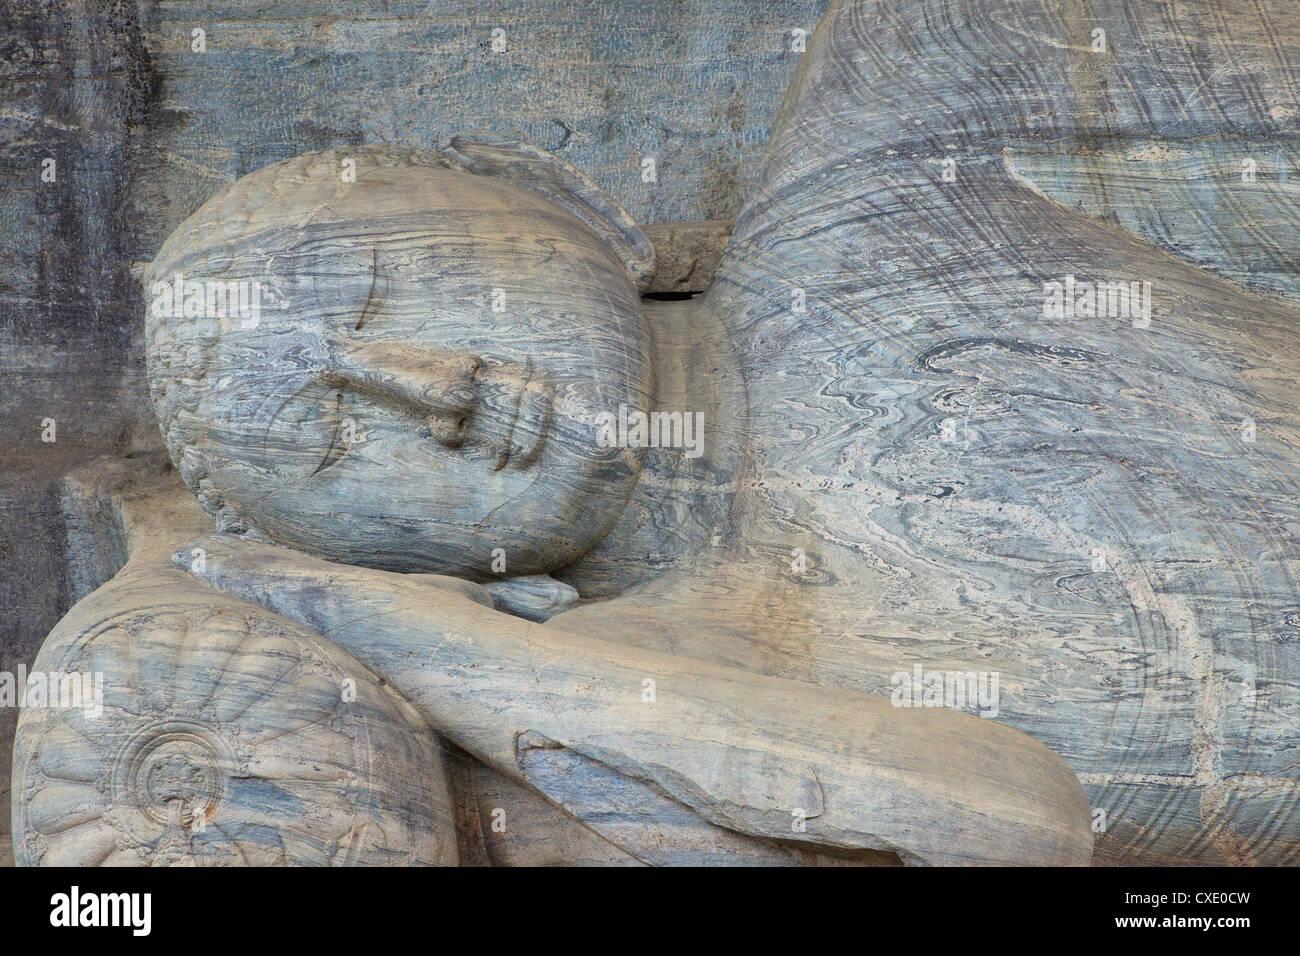 Reclining Buddha in Nirvana, Gal Vihara Rock Temple, Polonnaruwa, Sri Lanka, Asia Stock Photo